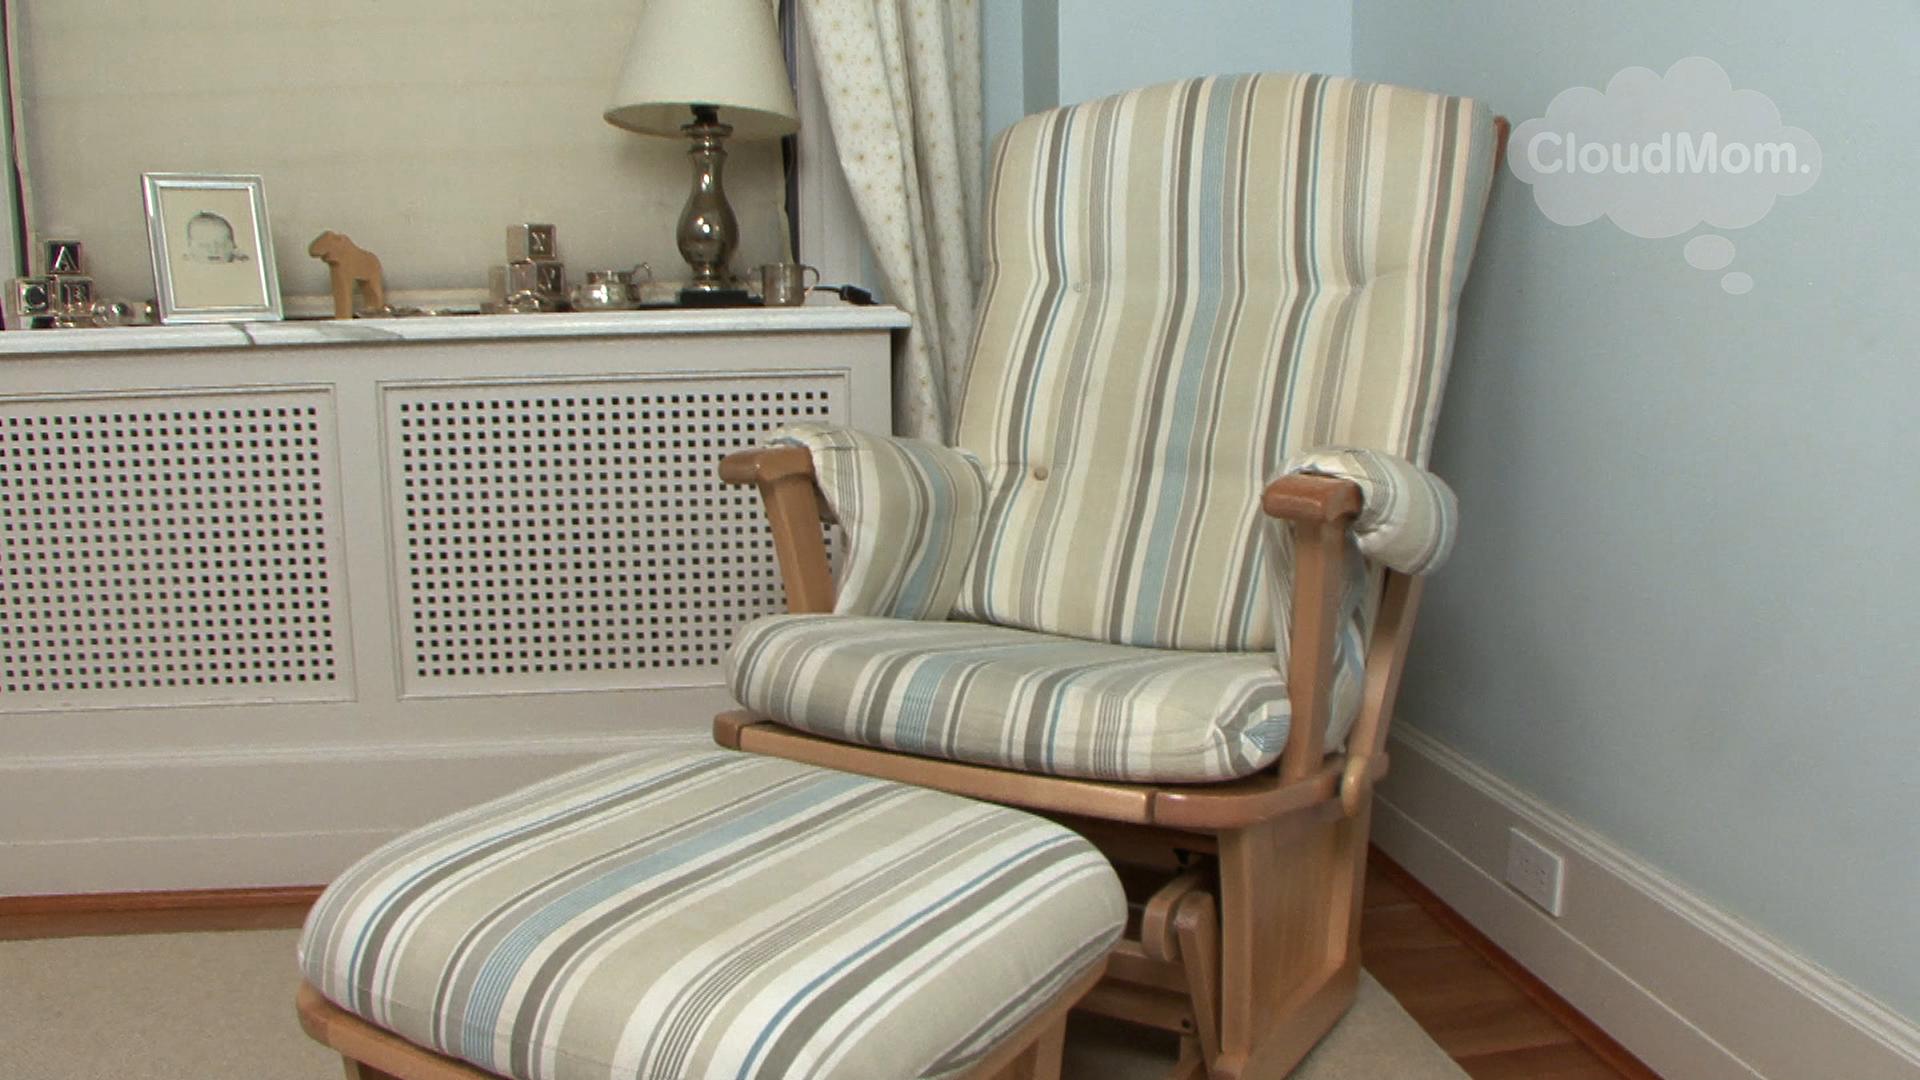 silver nursery furniture. Silver Nursery Furniture. Babys Furniture Essentials 01 E F